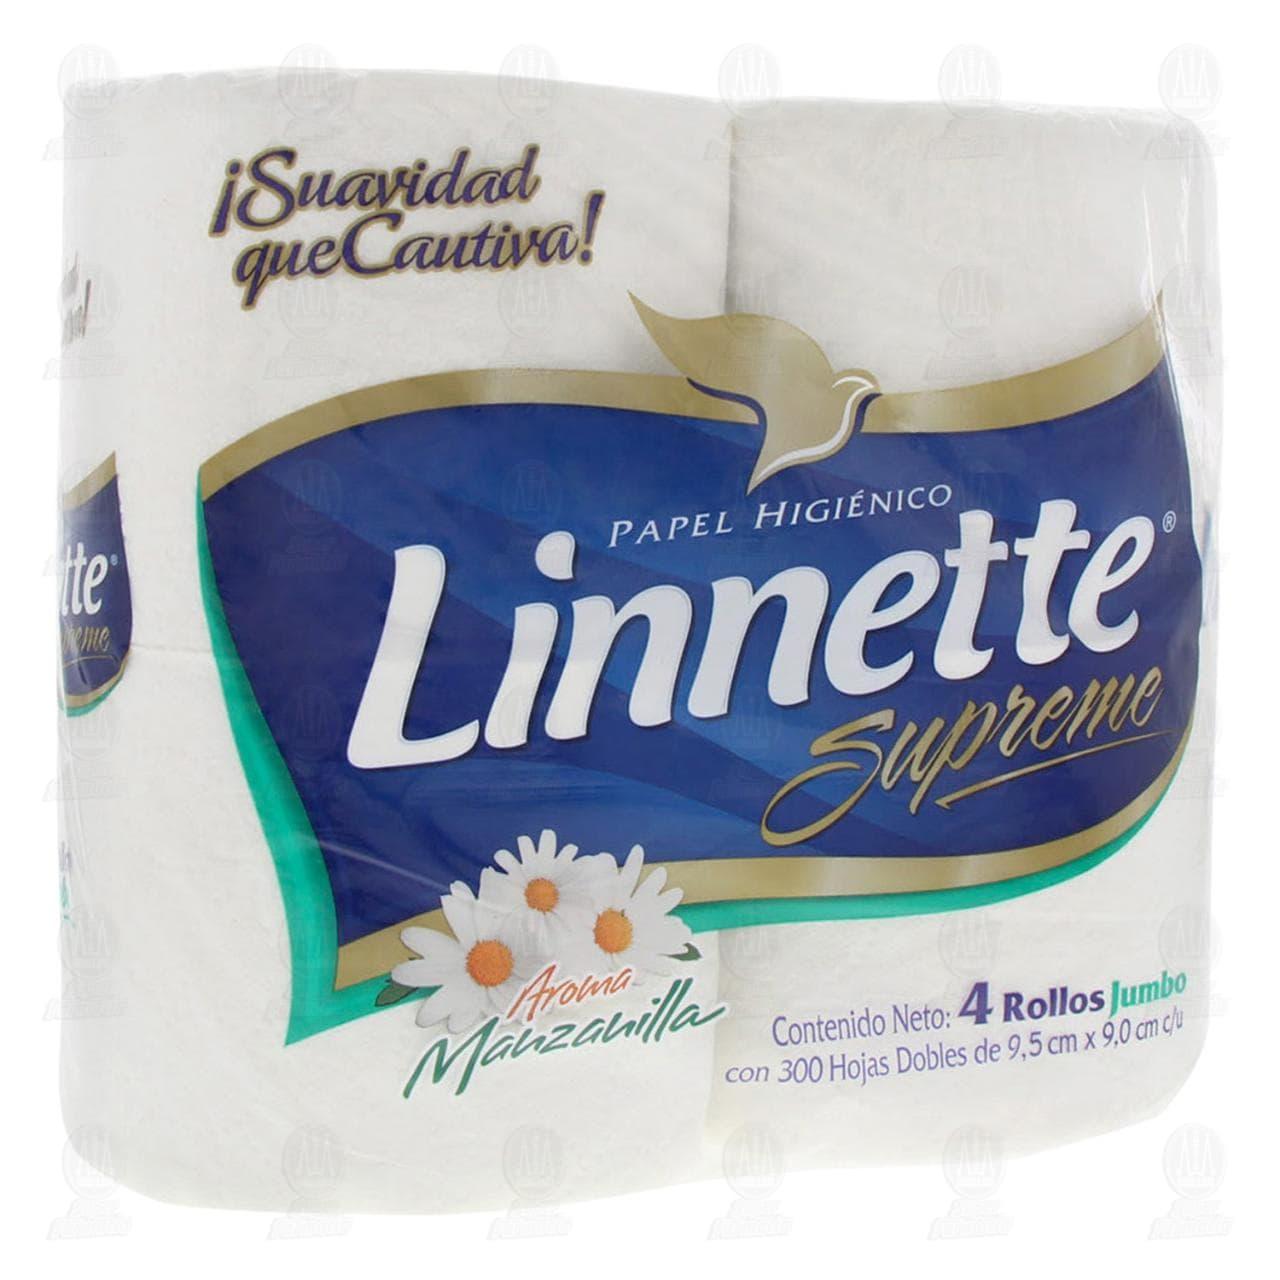 Papel Higiénico Linnette Supreme Aroma Manzanilla, 4 pzas.